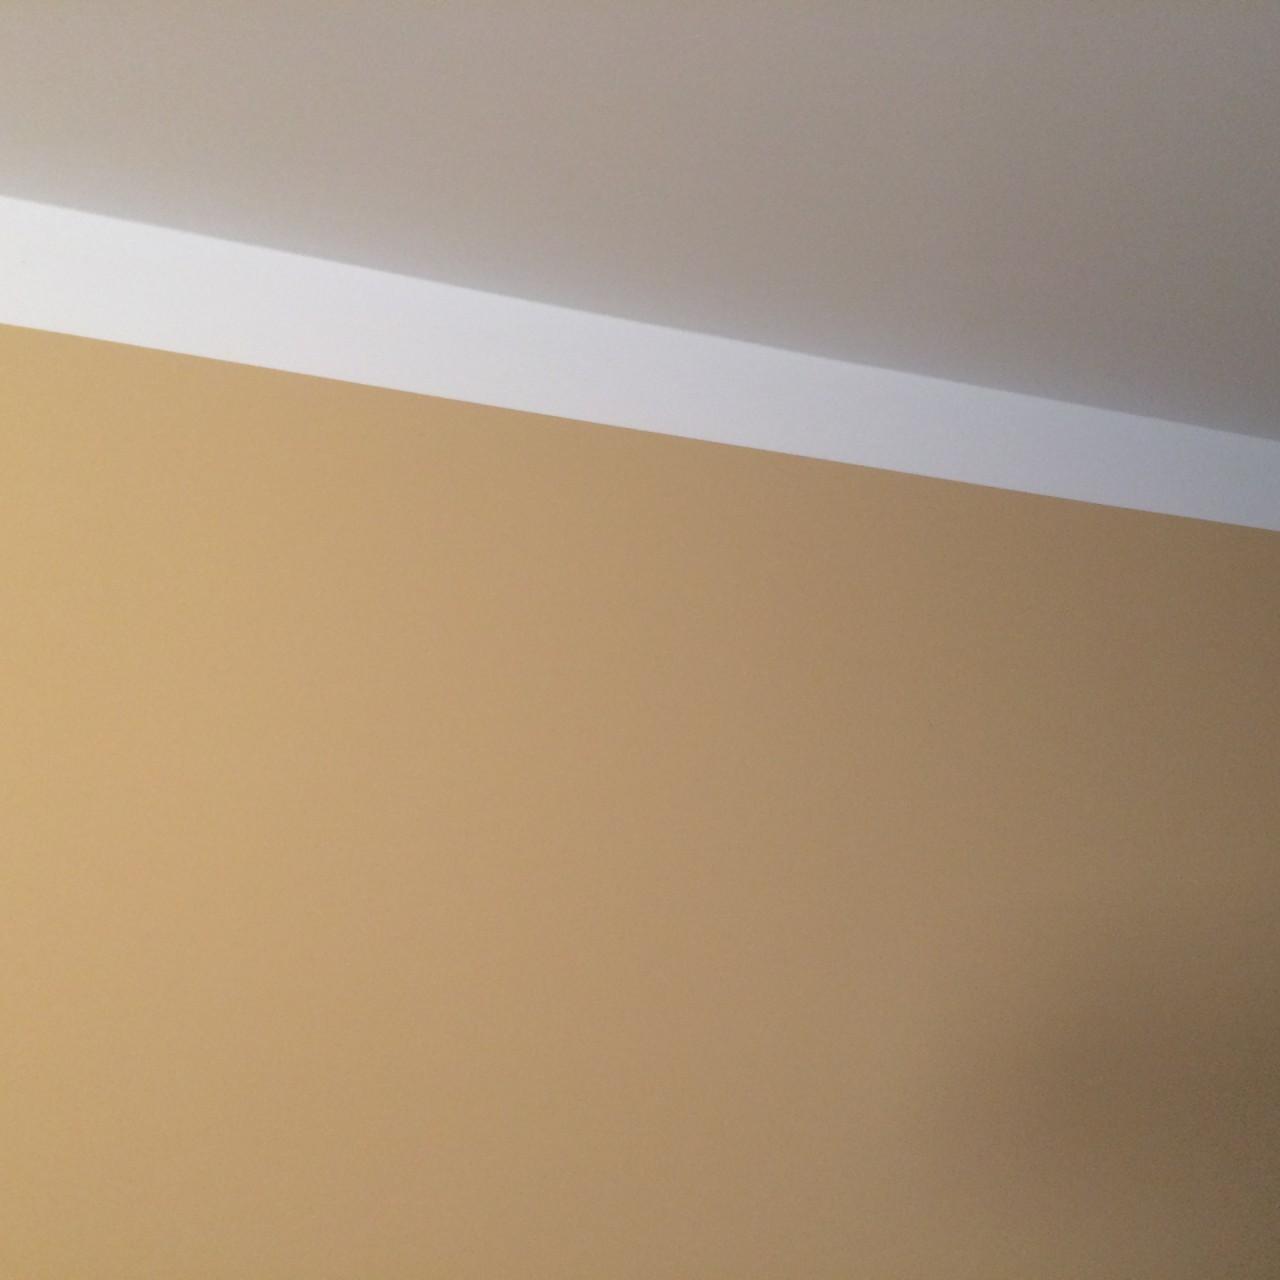 Wand gut gestrichen